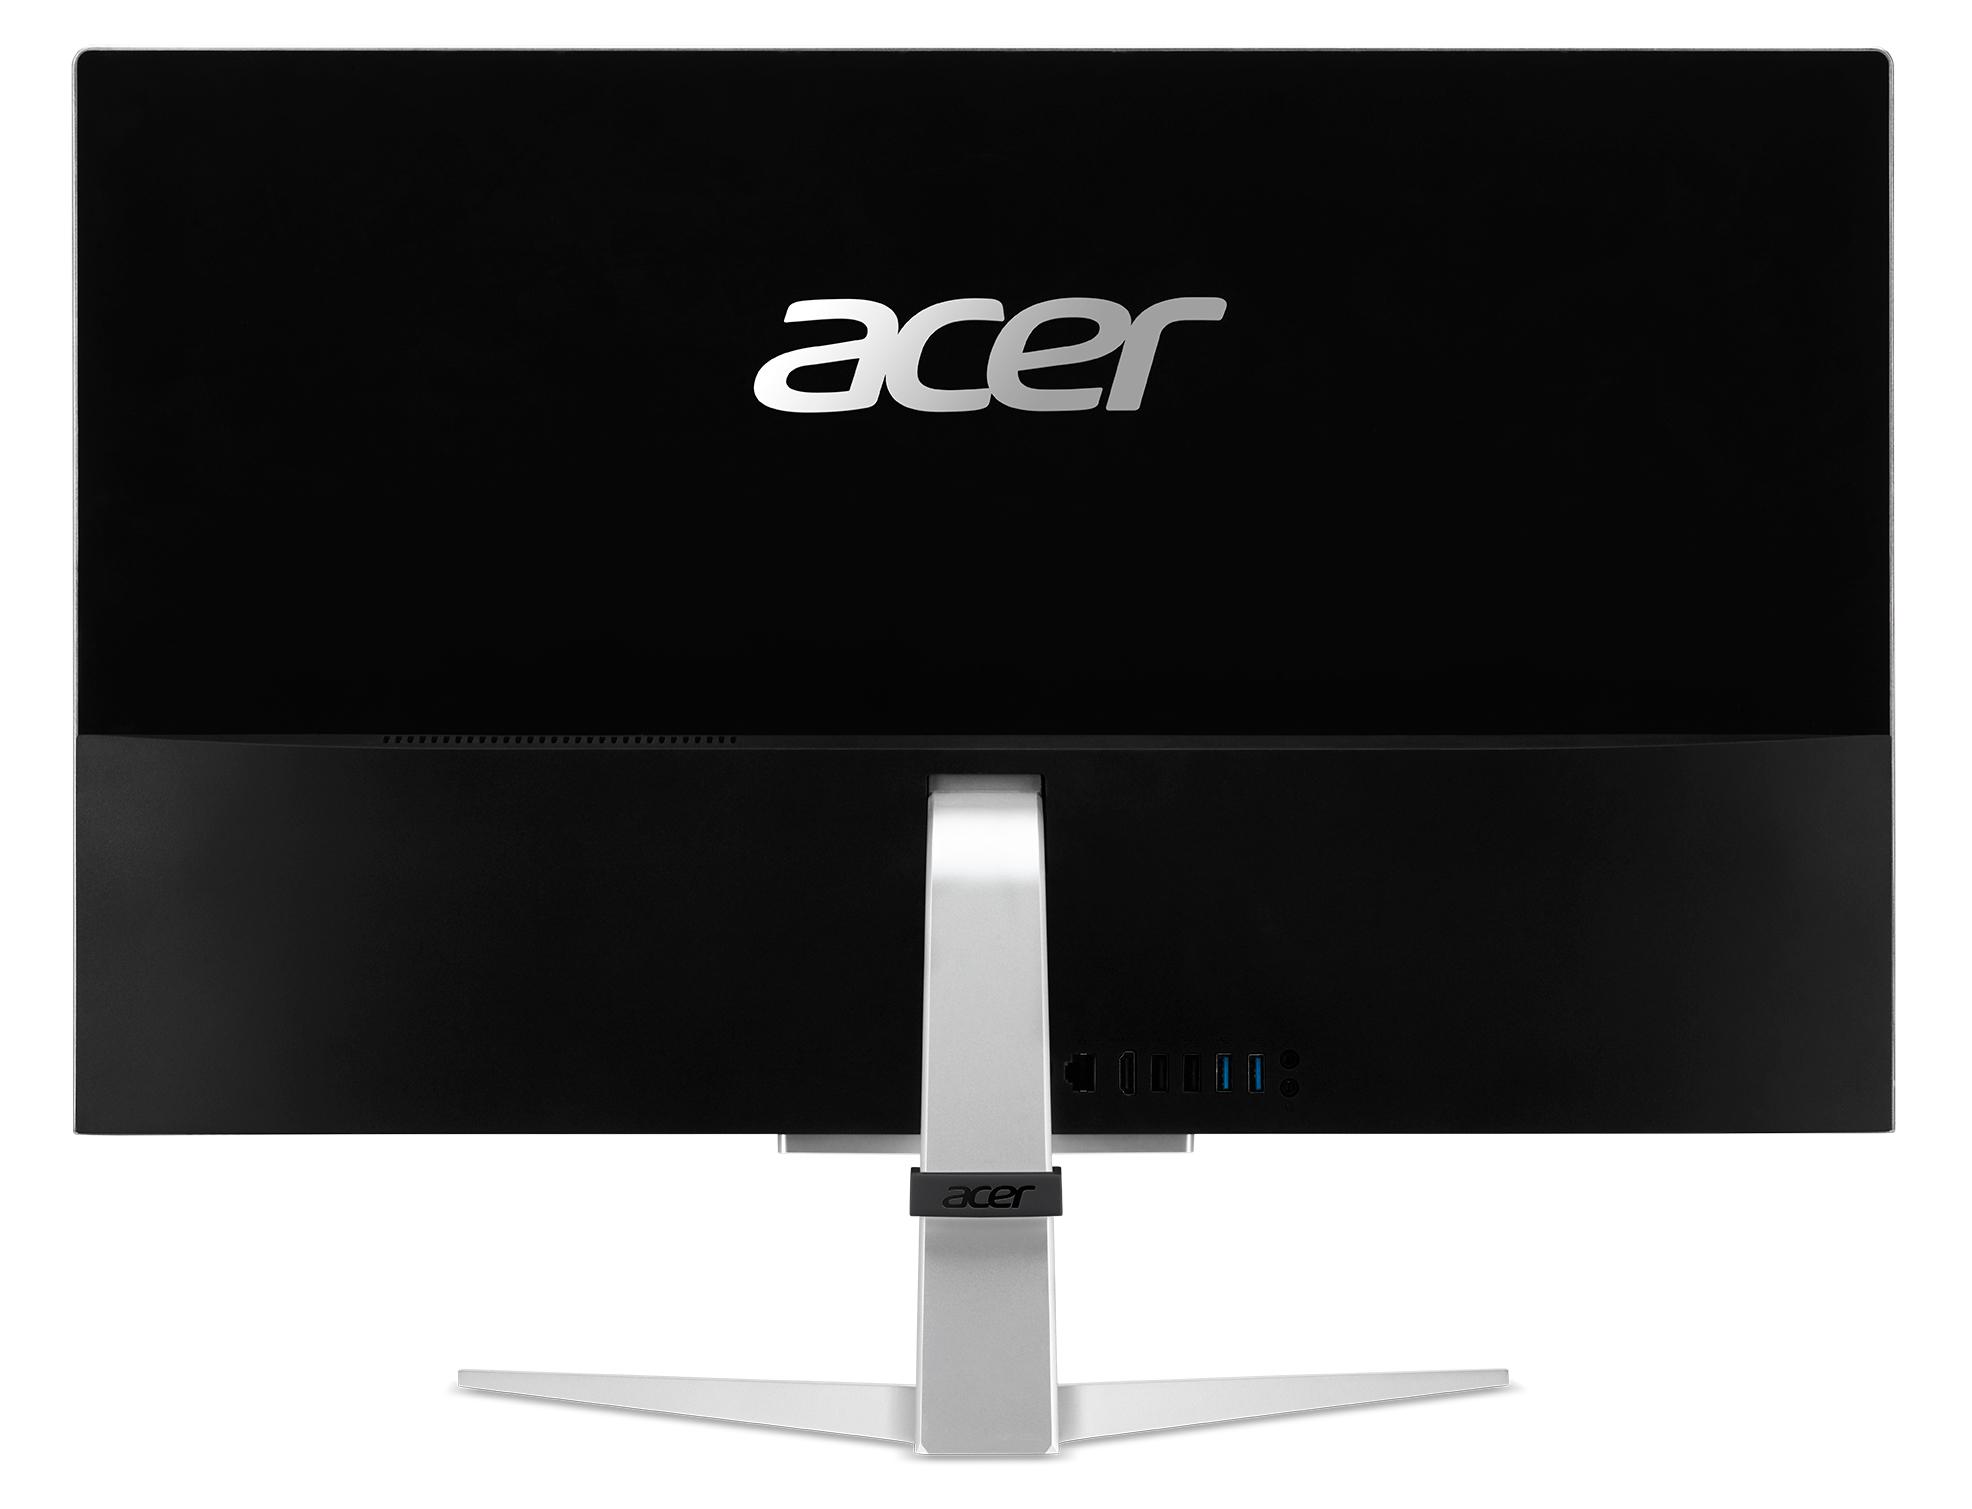 Acer C27-962 I5622 NL, 27i FHD, Intel Corei5-1035G1, 16GB DDR4, 1TB PCIe NVMe SSD, NVIDIA GeForce MX130, Intel Wi-Fi 5 AC 9462 + BT 5, Win10Home, QWERTY